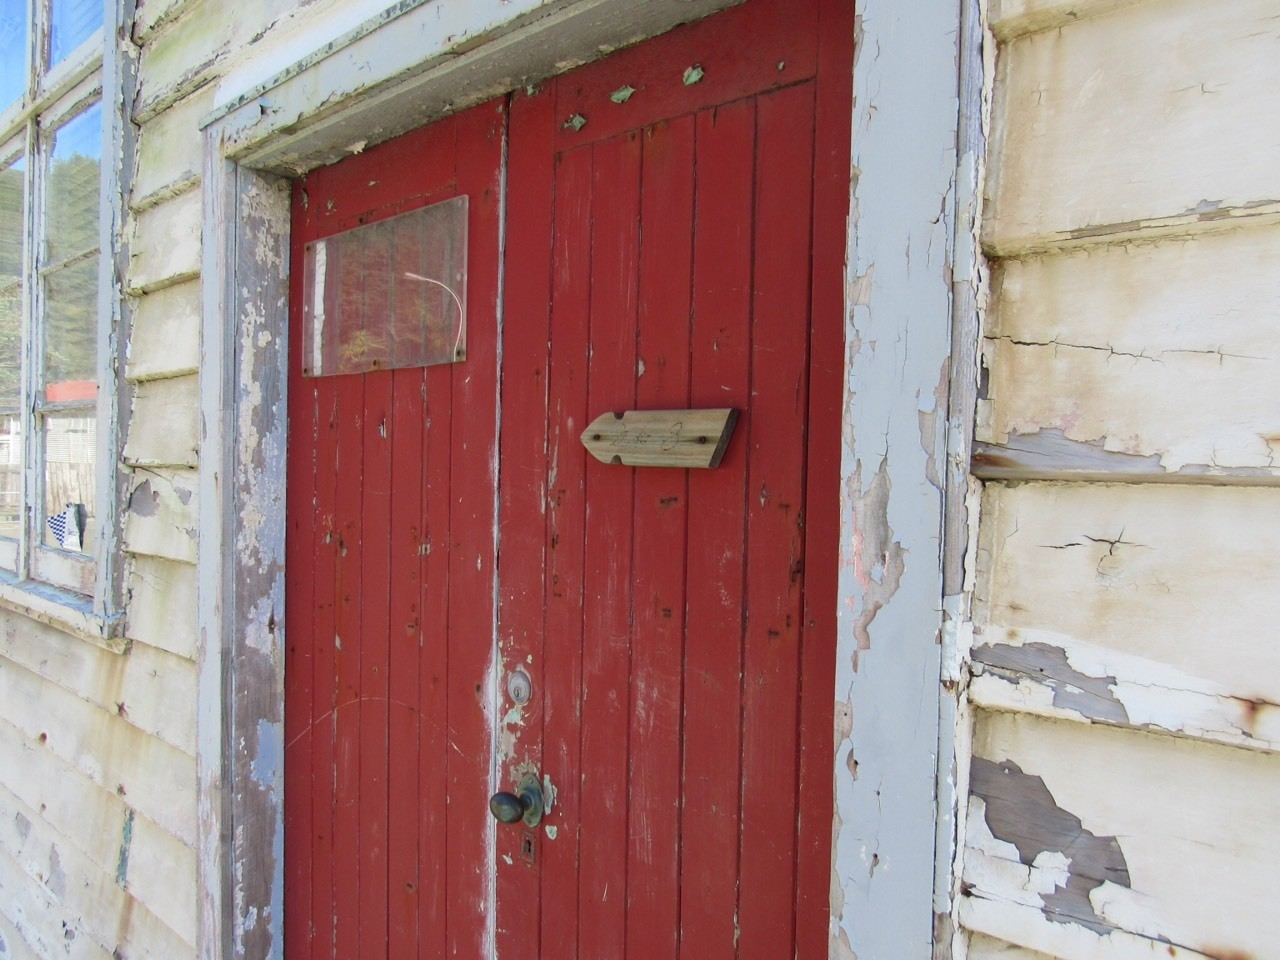 What's behind the red door?